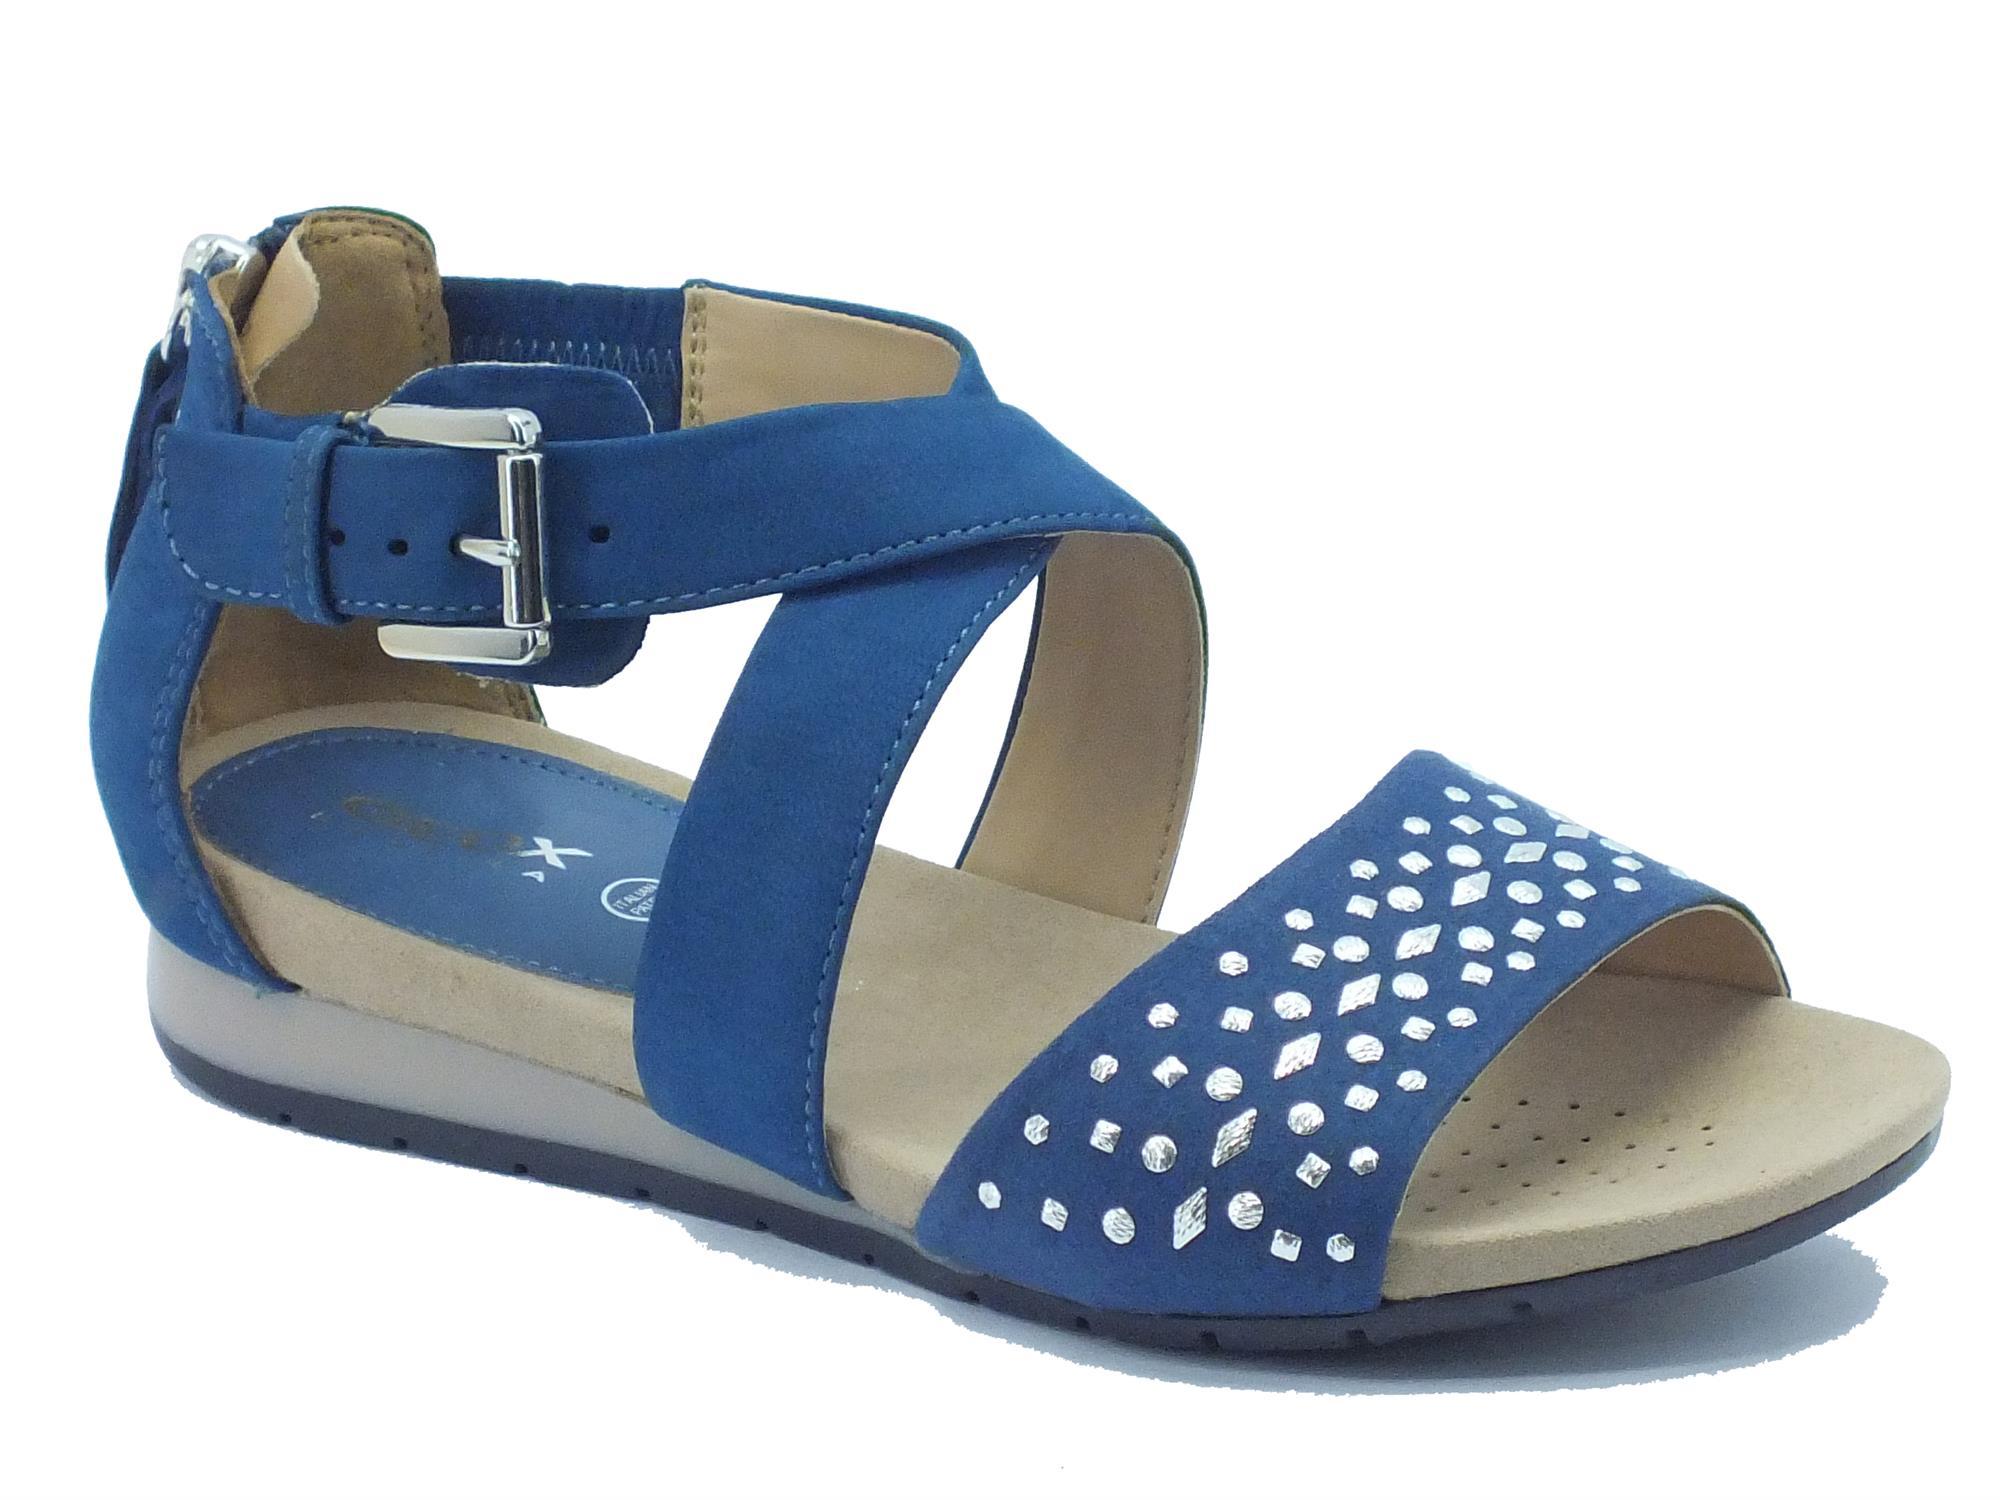 Sandali Geox donna camoscio blu bulloncini - Vitiello Calzature cde042f6508